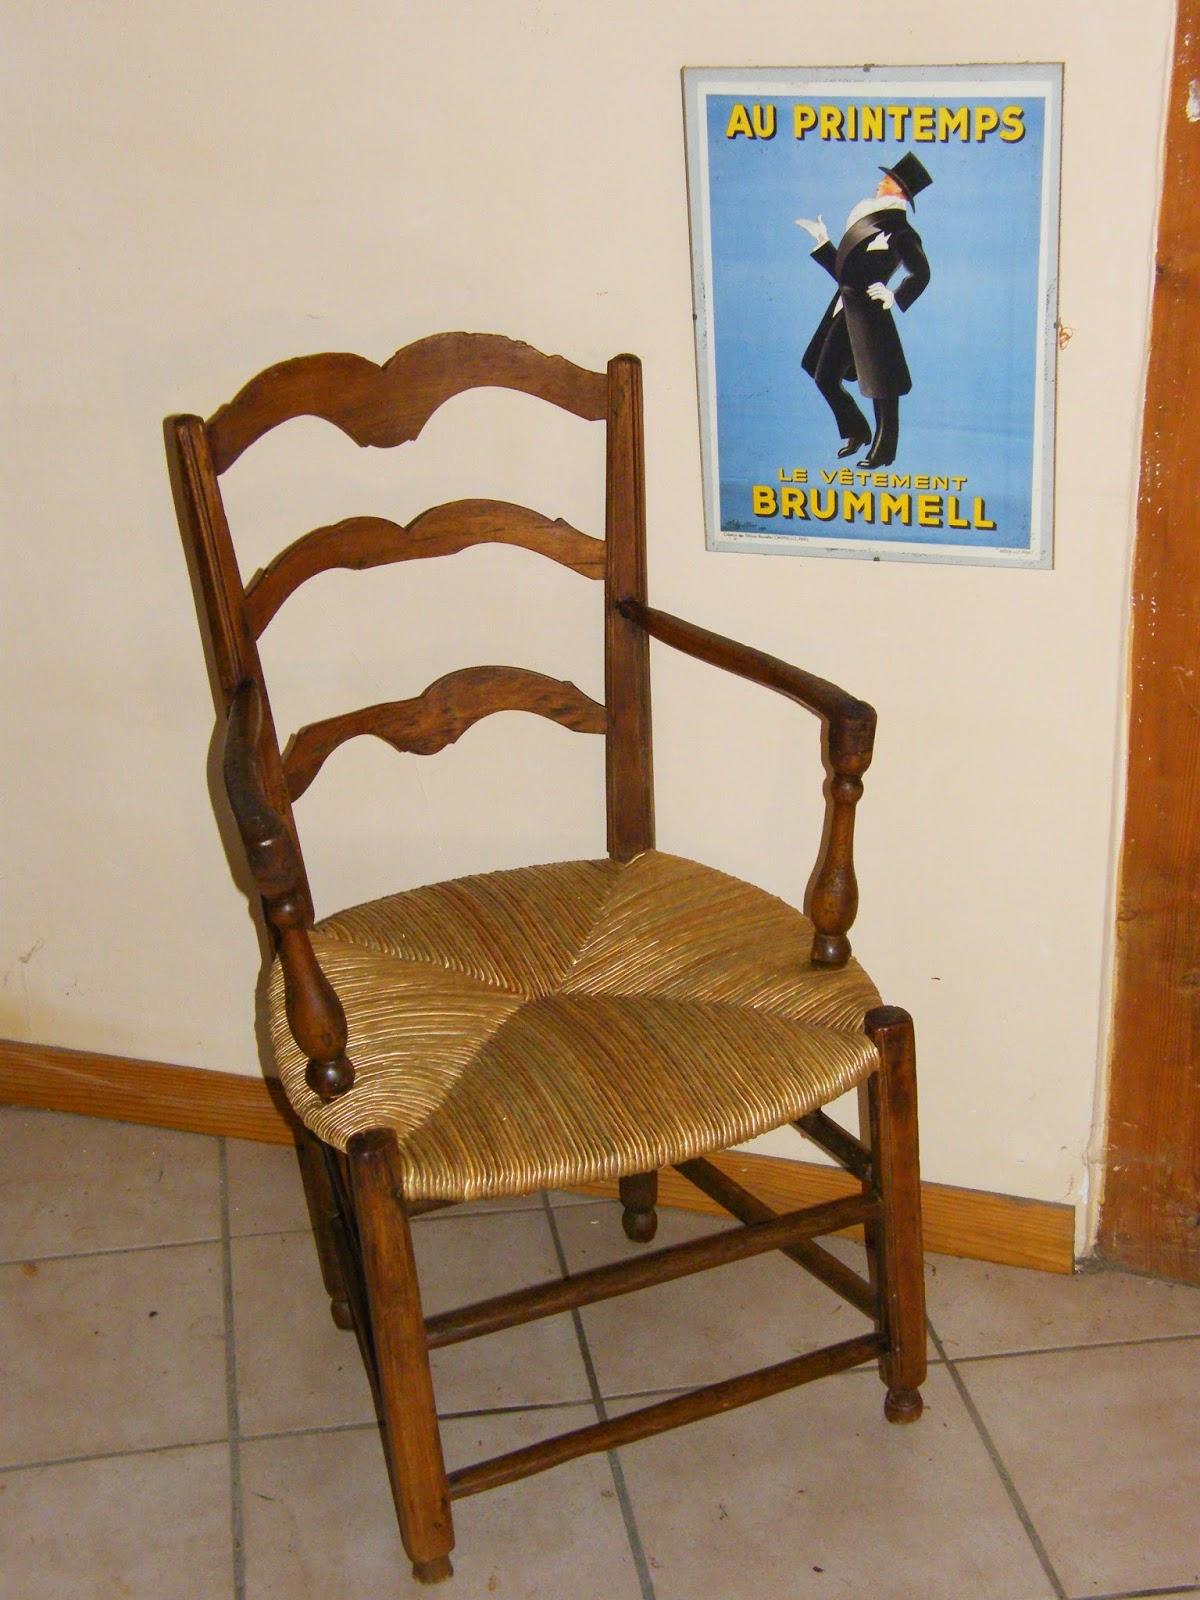 Normandie cannage refaire un rempaillage de fauteuil - Restaurer un canape ...